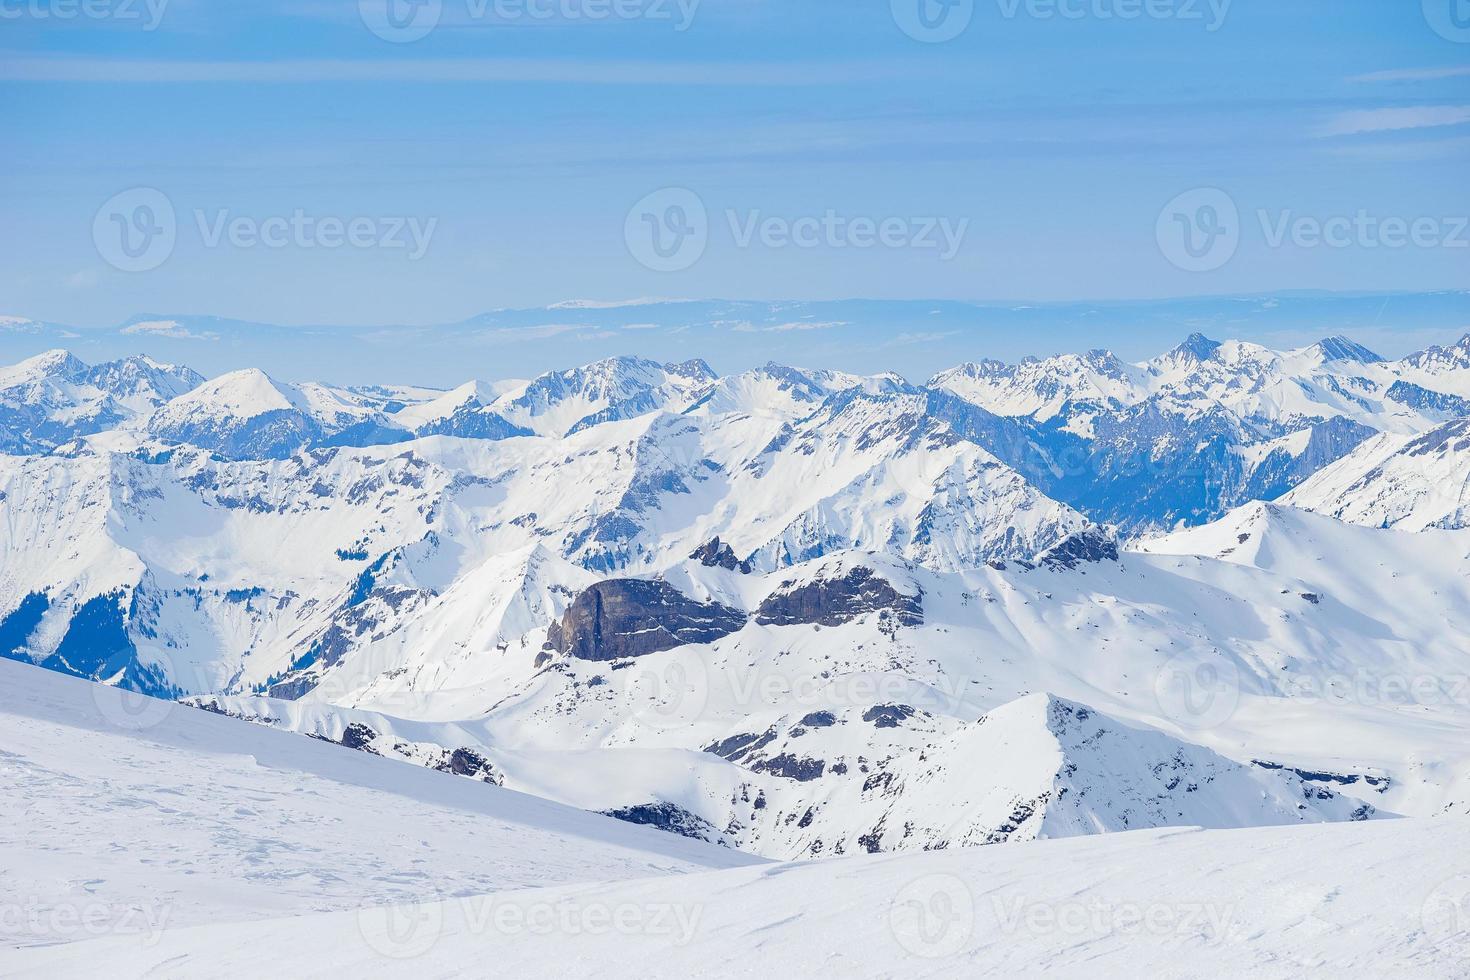 Swiss mountain, Jungfrau, Switzerland, ski resort photo